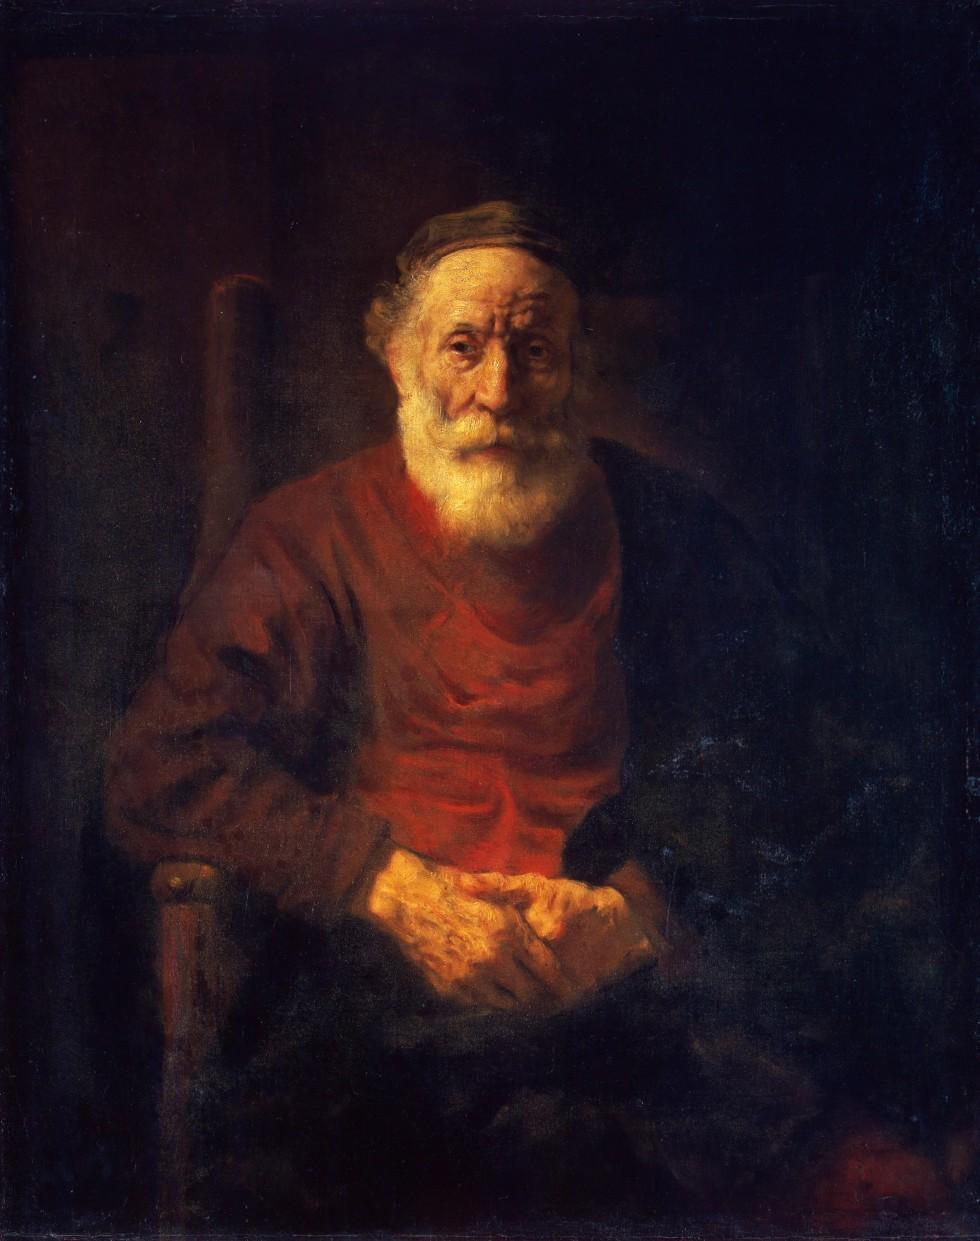 Рембрандт Харменс ван Рейн. Портрет старика в красном. Ок. 1652–1654.Фото: hermitagemuseum.org